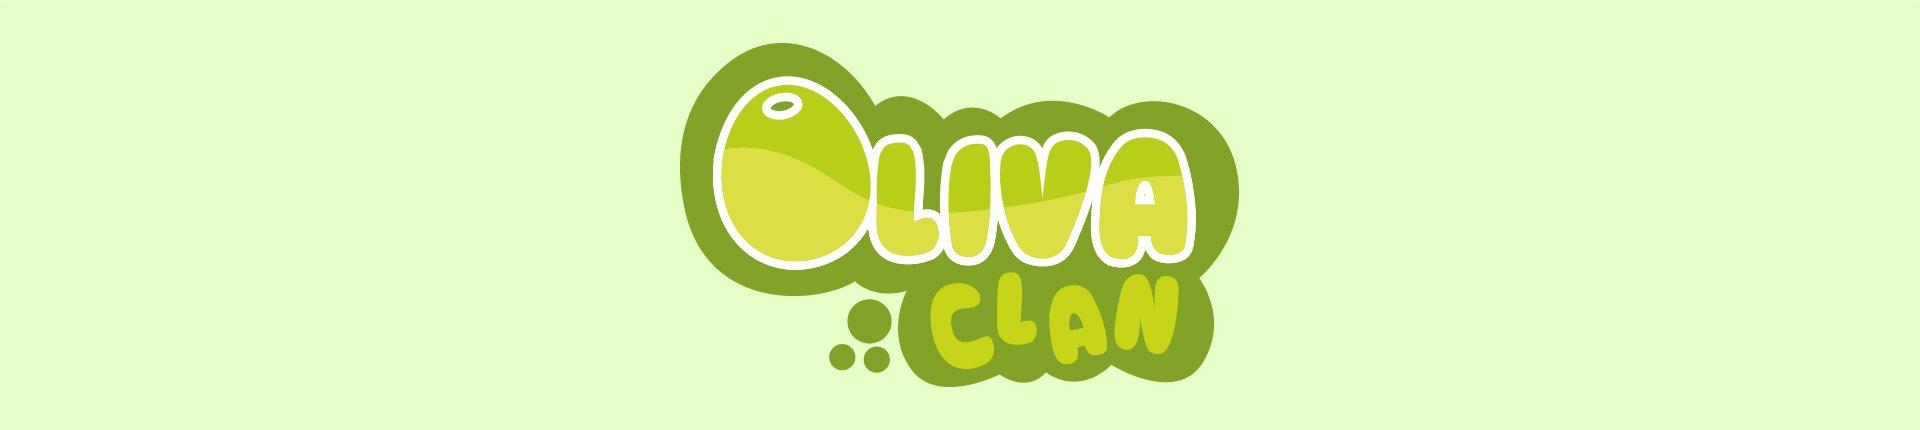 Oliva Clan 1